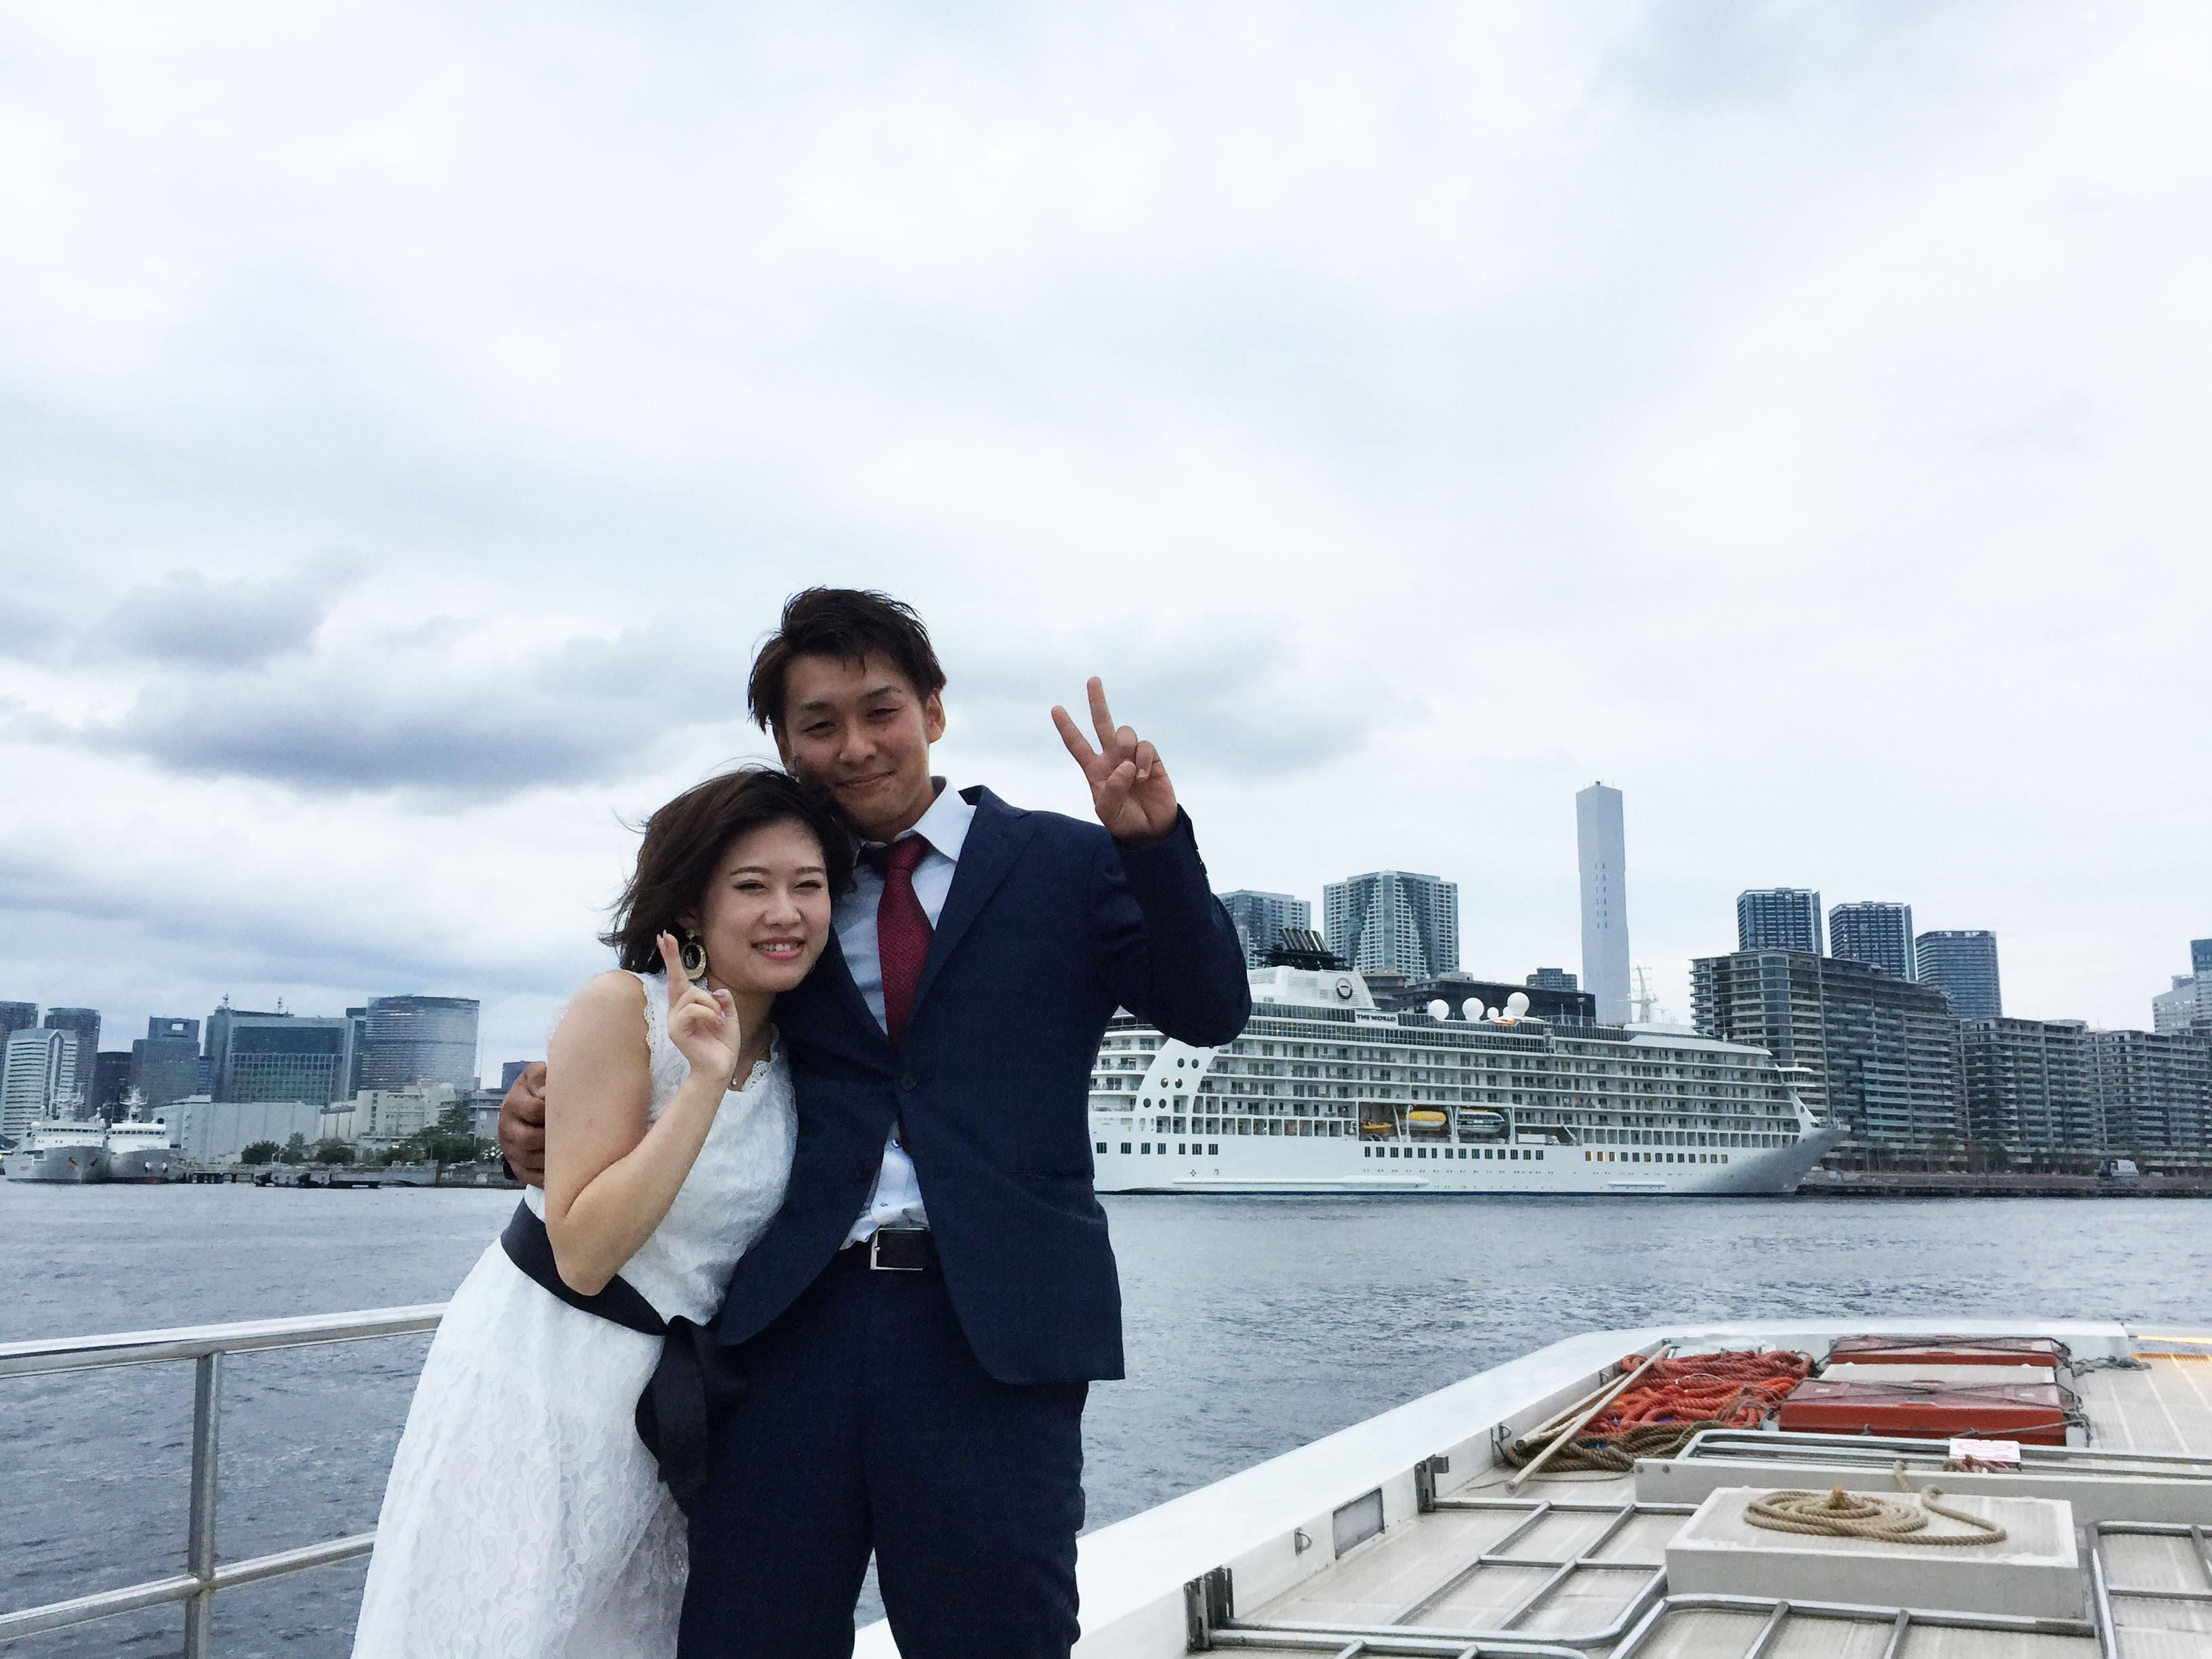 屋形船でご結婚披露パーティー☆貸切屋形船![2019年10月]